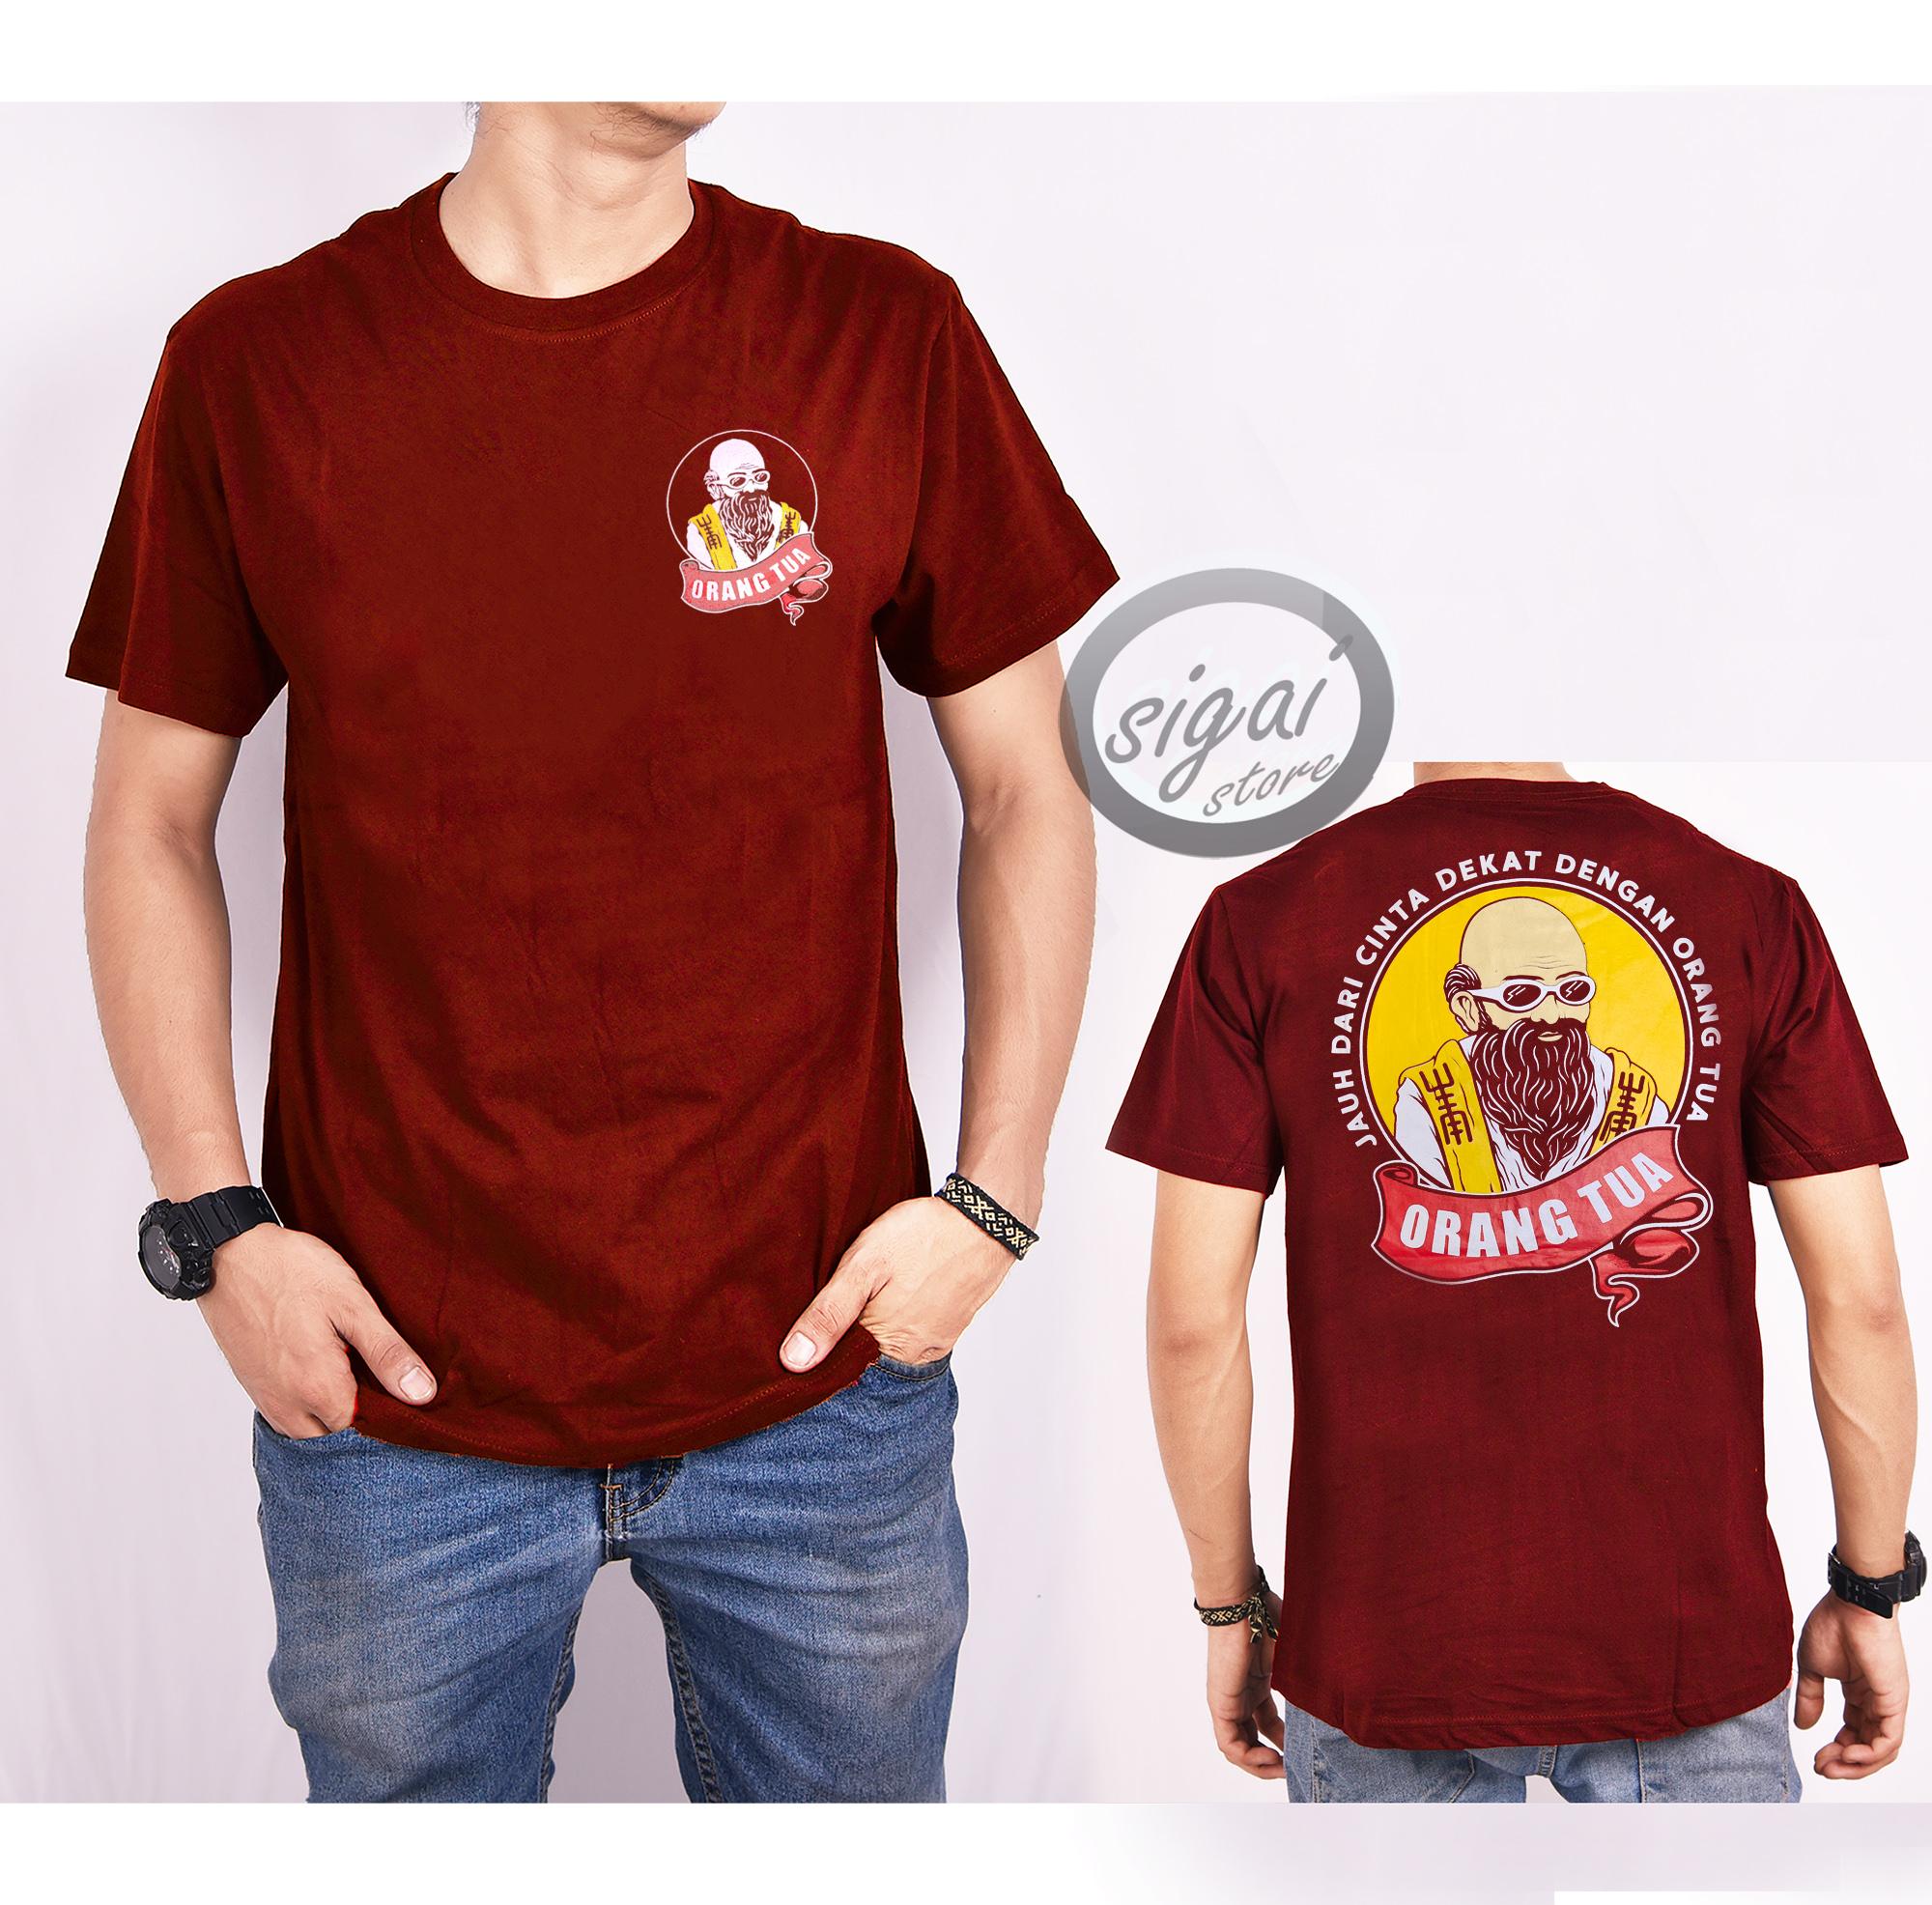 9200 Gambar Gambar Kaos Polos Untuk Desain Baju Gratis Terbaik Untuk Di Contoh